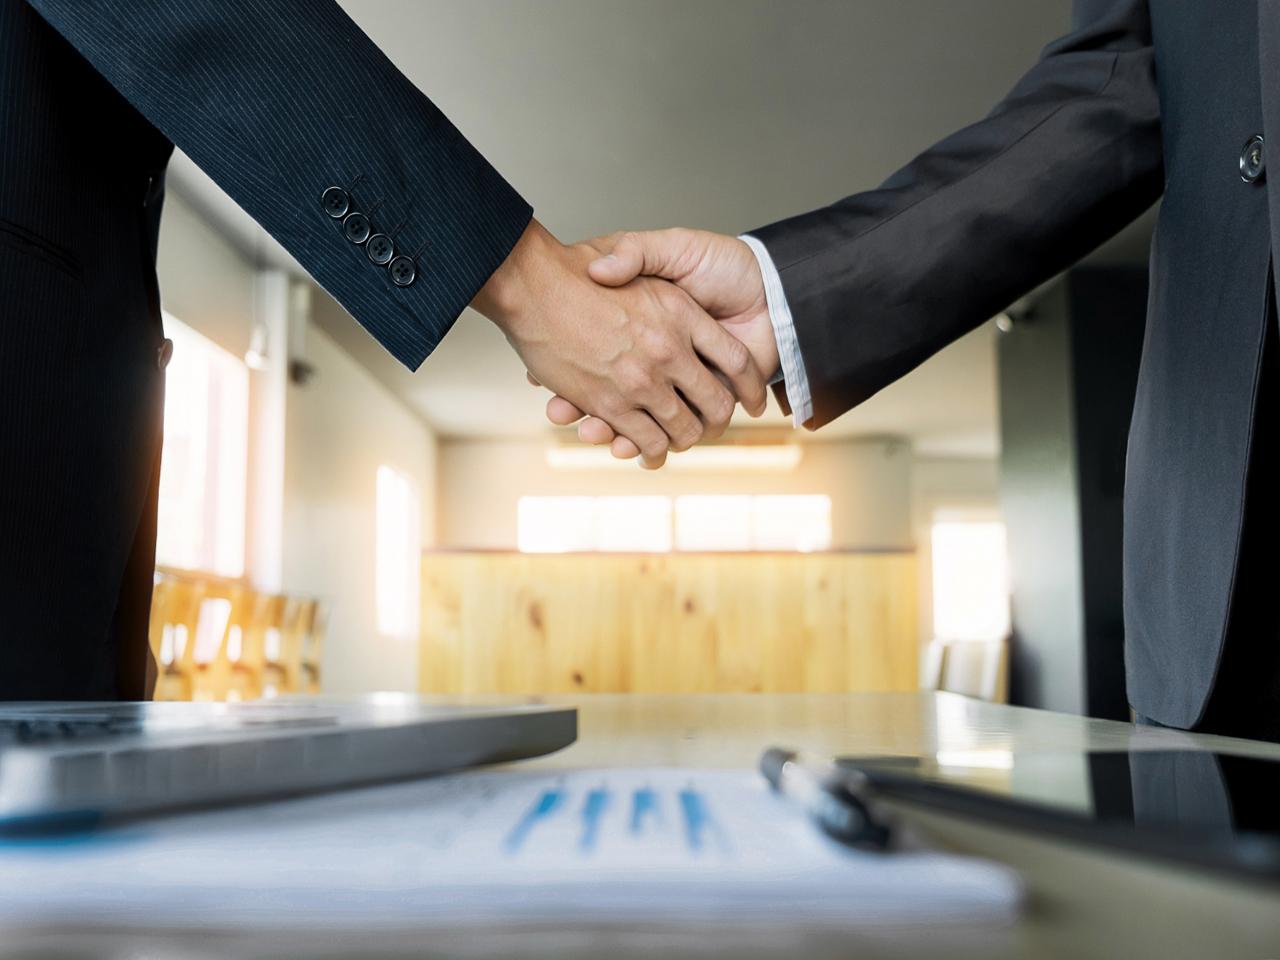 seguro empresarial: imagem de dois homens de terno apertando as mãos